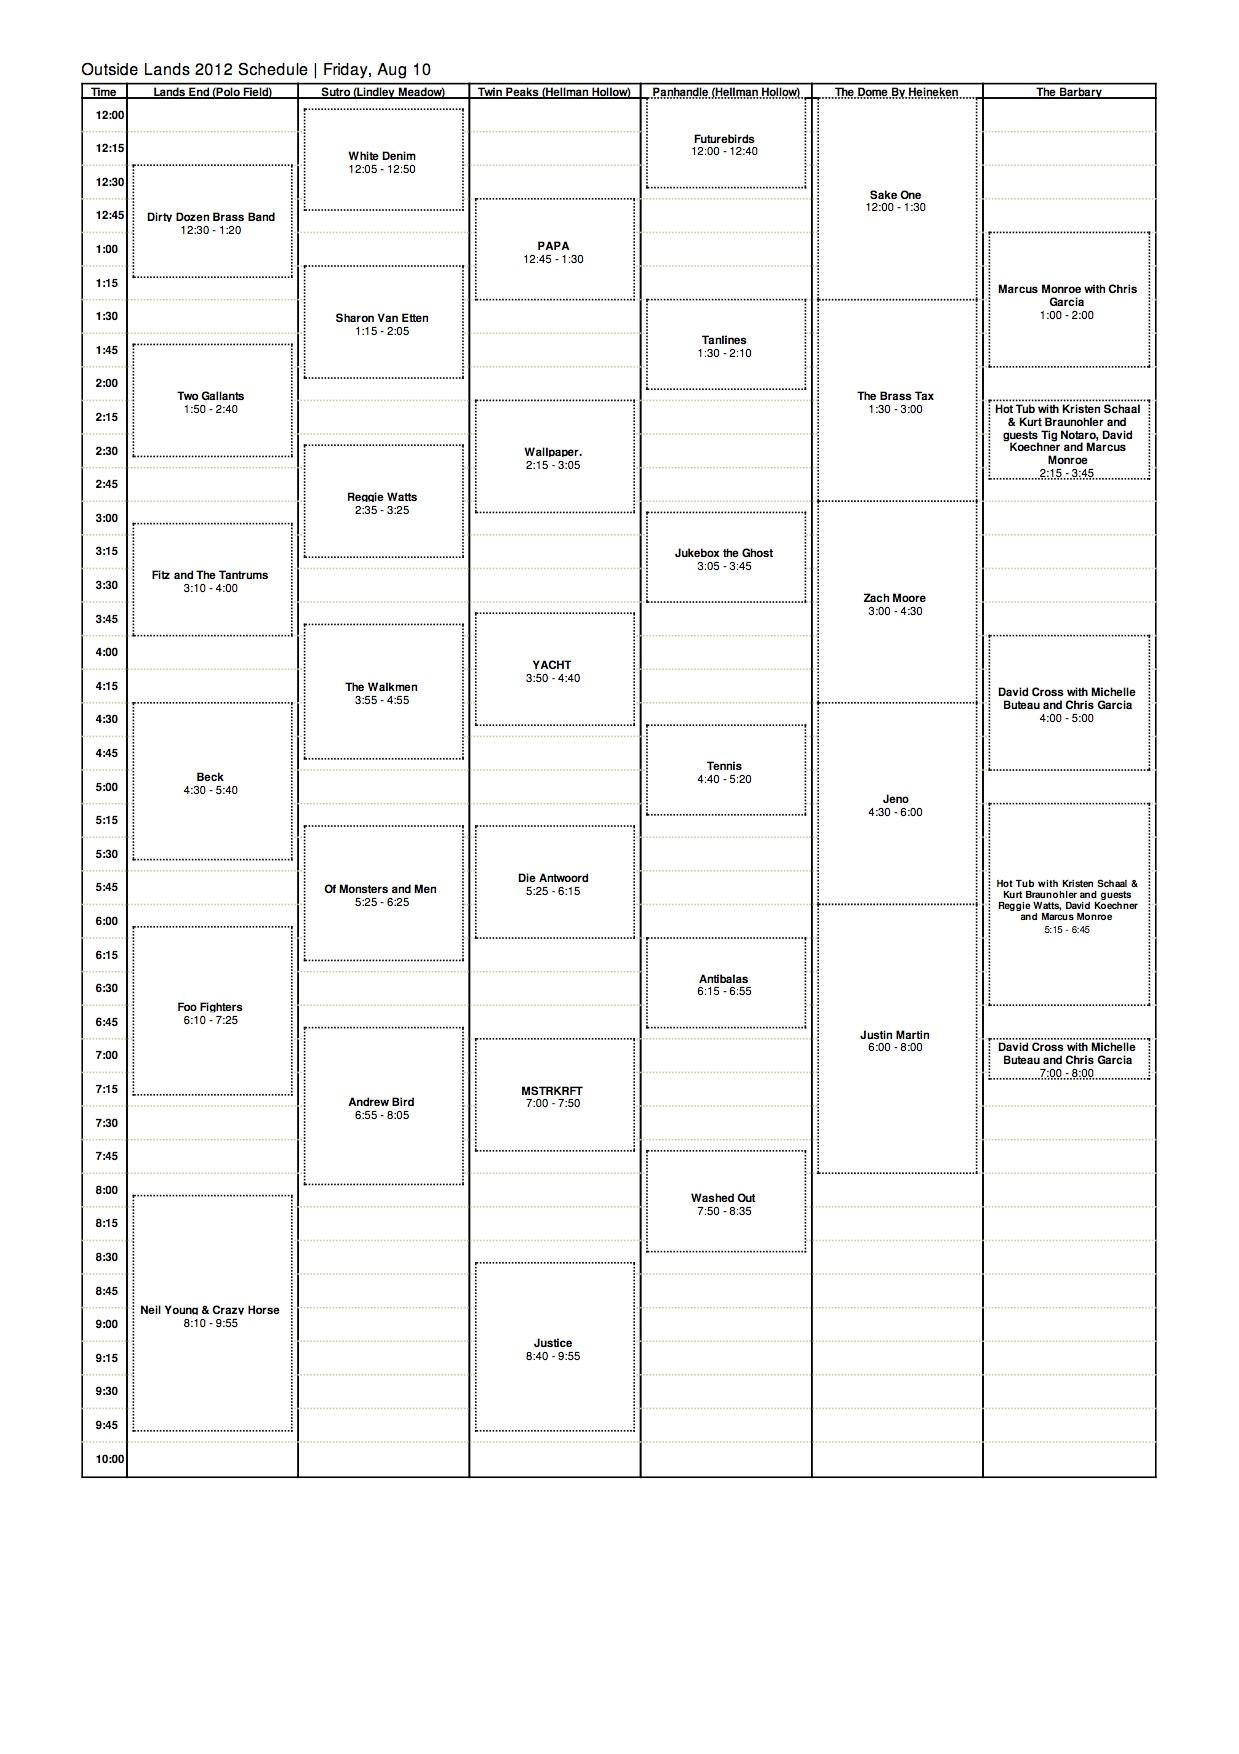 osl 2012 fri Outside Lands reveals 2012 schedule